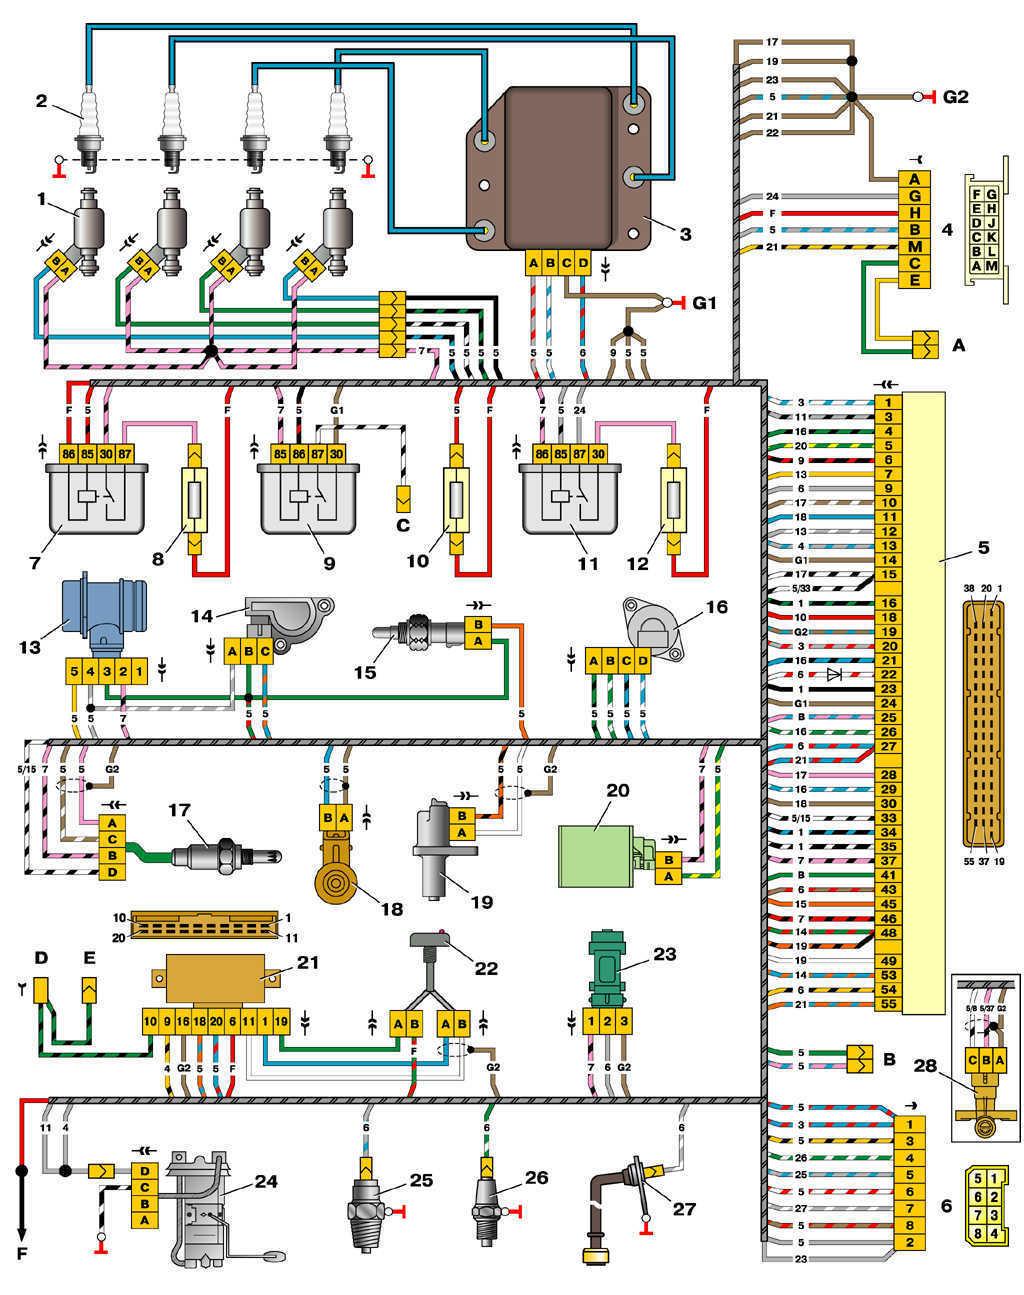 Схема управления двигателями 2111 и 2112 (конт. М1.5.4N, «Январь-5.1») ВАЗ 2110